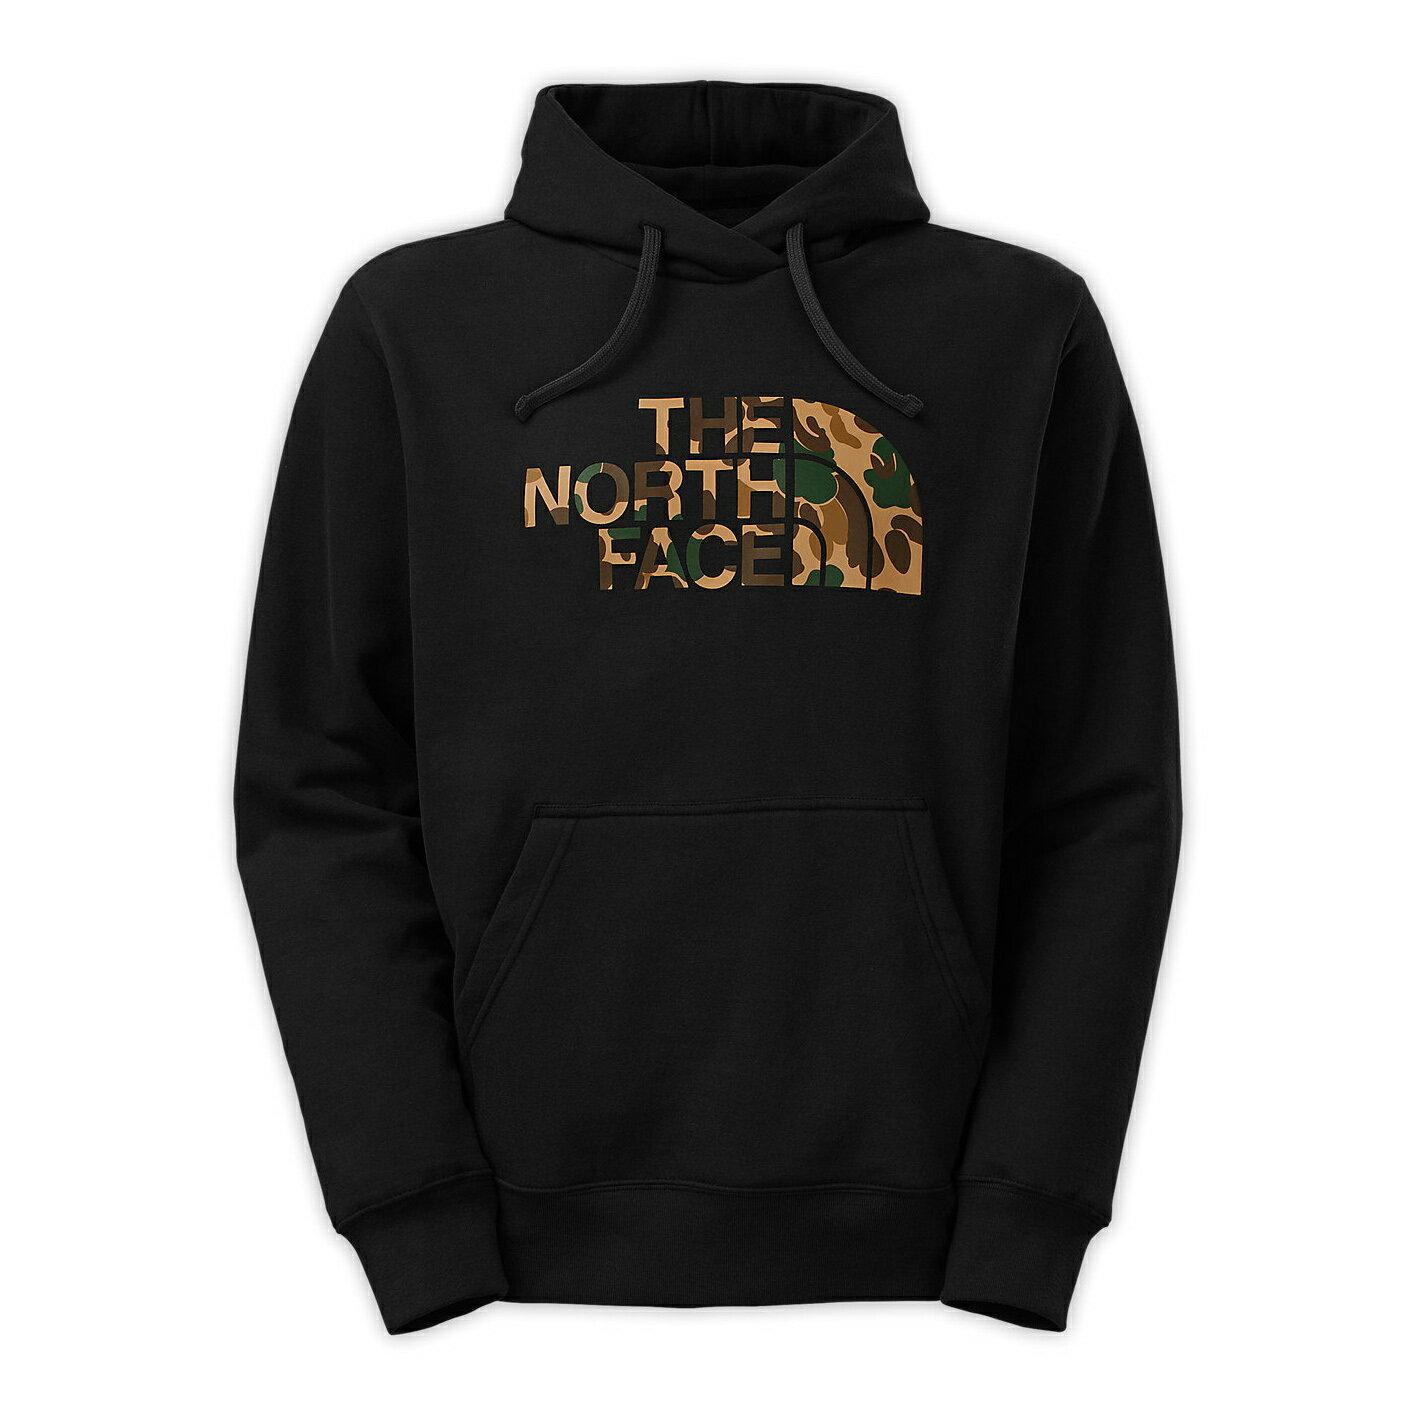 美國百分百【The North Face】帽T 連帽 TNF T恤 北臉 長袖 厚綿 迷彩 黑色 大尺碼 M XXXL號 F841